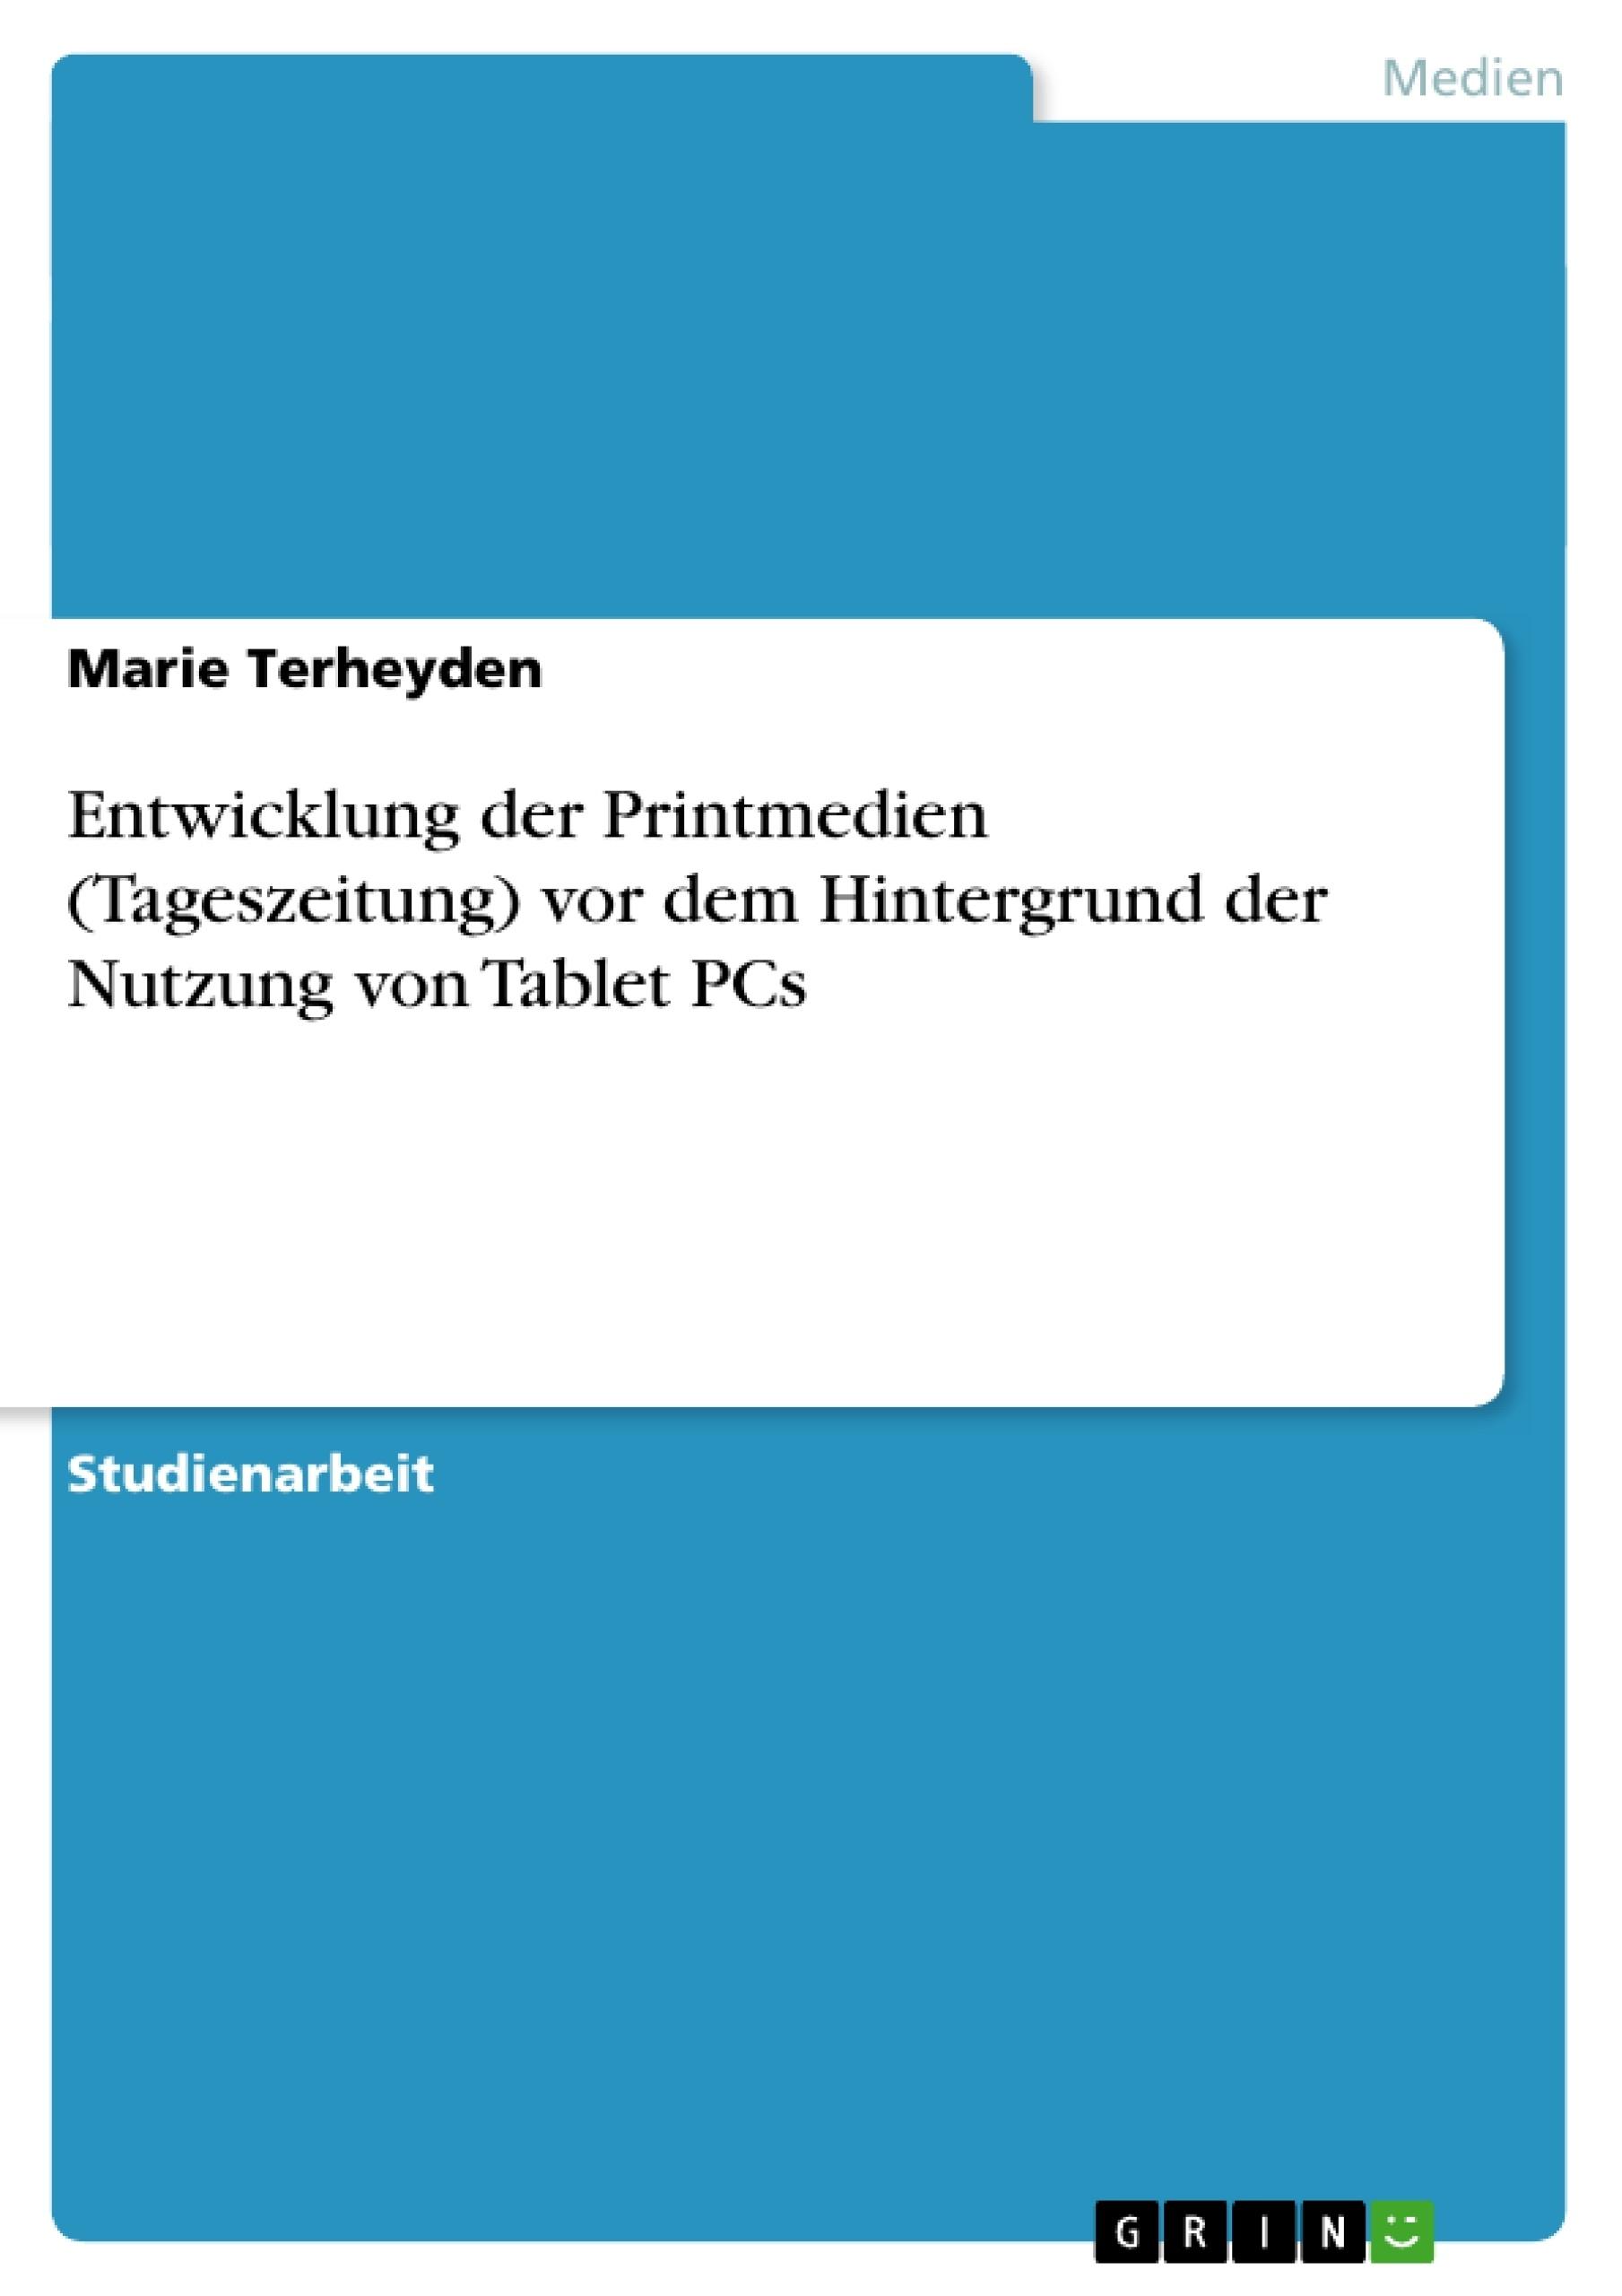 Titel: Entwicklung der Printmedien (Tageszeitung) vor dem Hintergrund der Nutzung von Tablet PCs